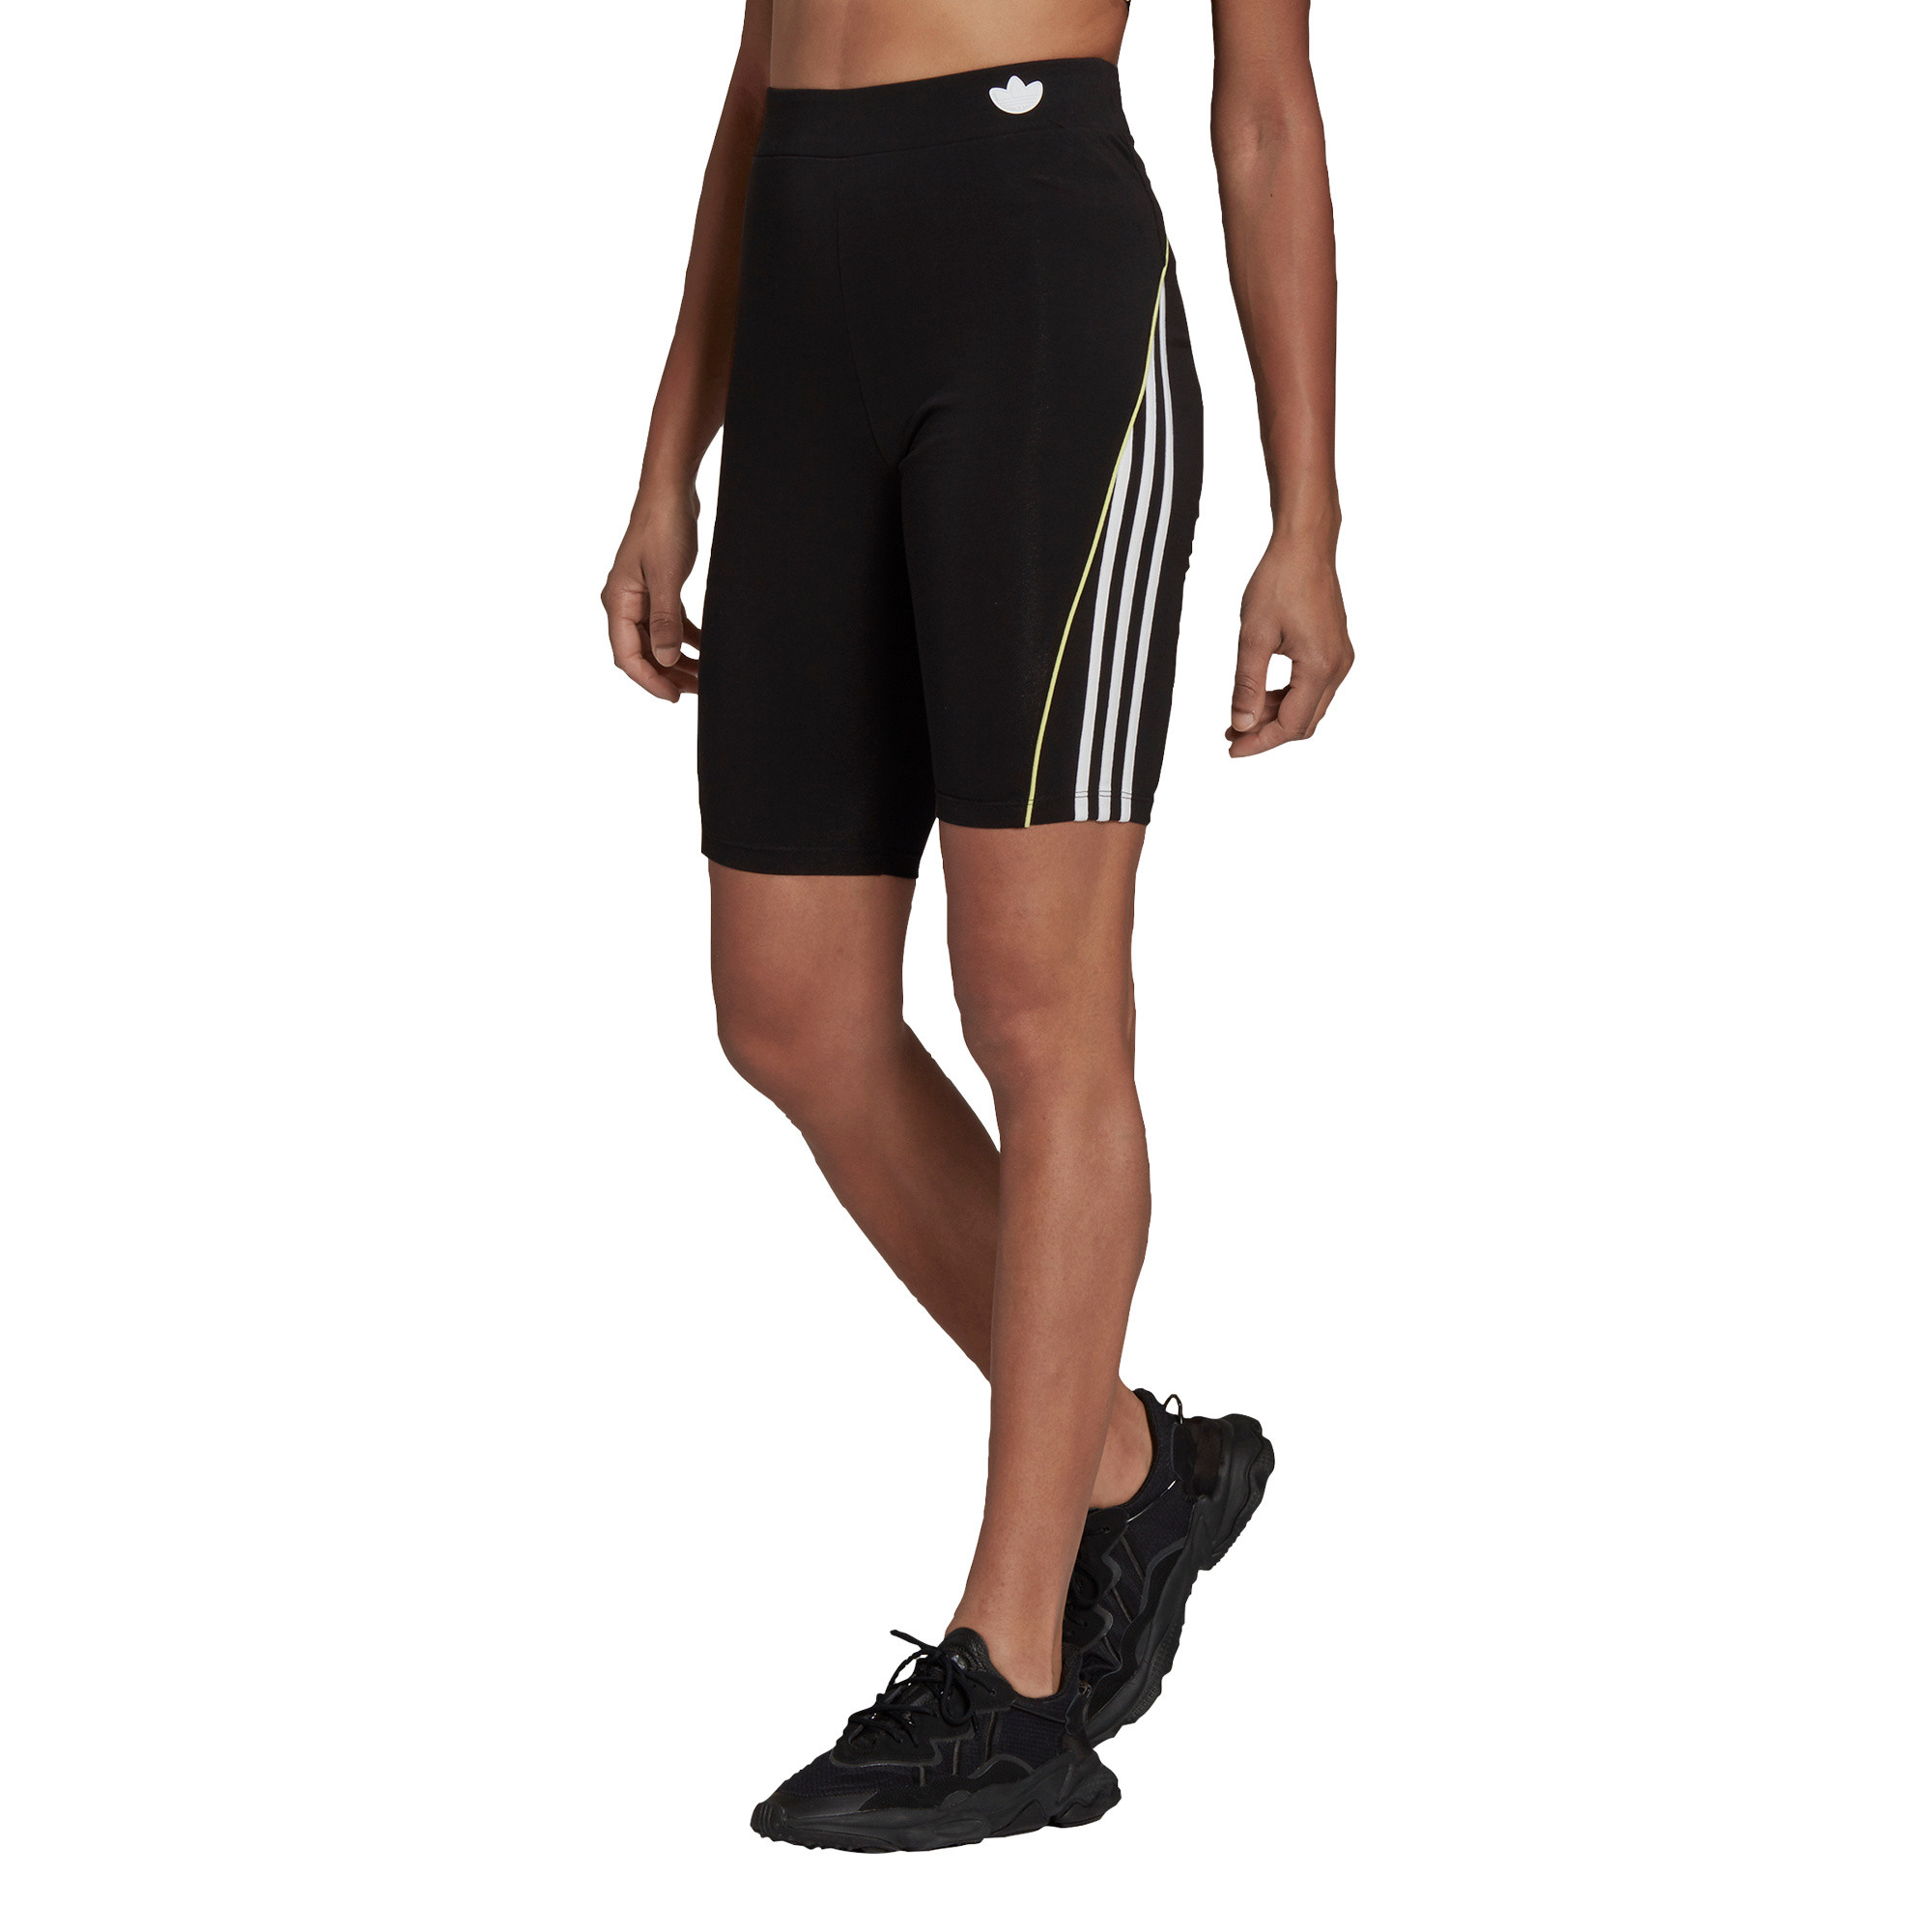 Shorts a vita alta con bordino corto, Nero, large image number 2